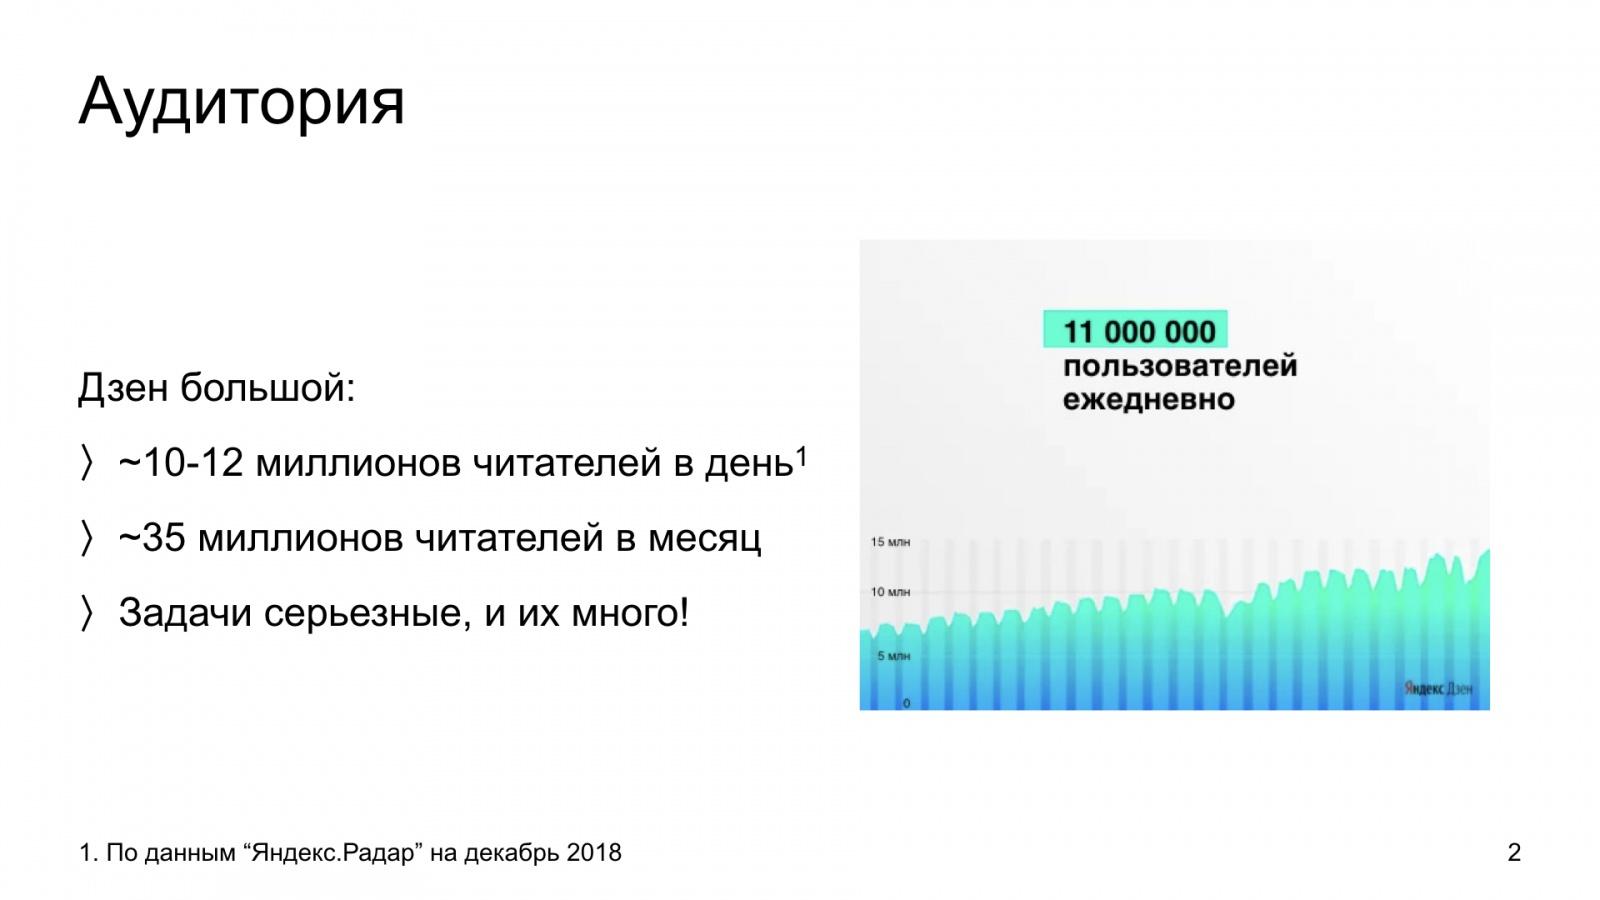 Автороцентричное ранжирование. Доклад Яндекса о поиске релевантной аудитории для авторов Дзена - 2